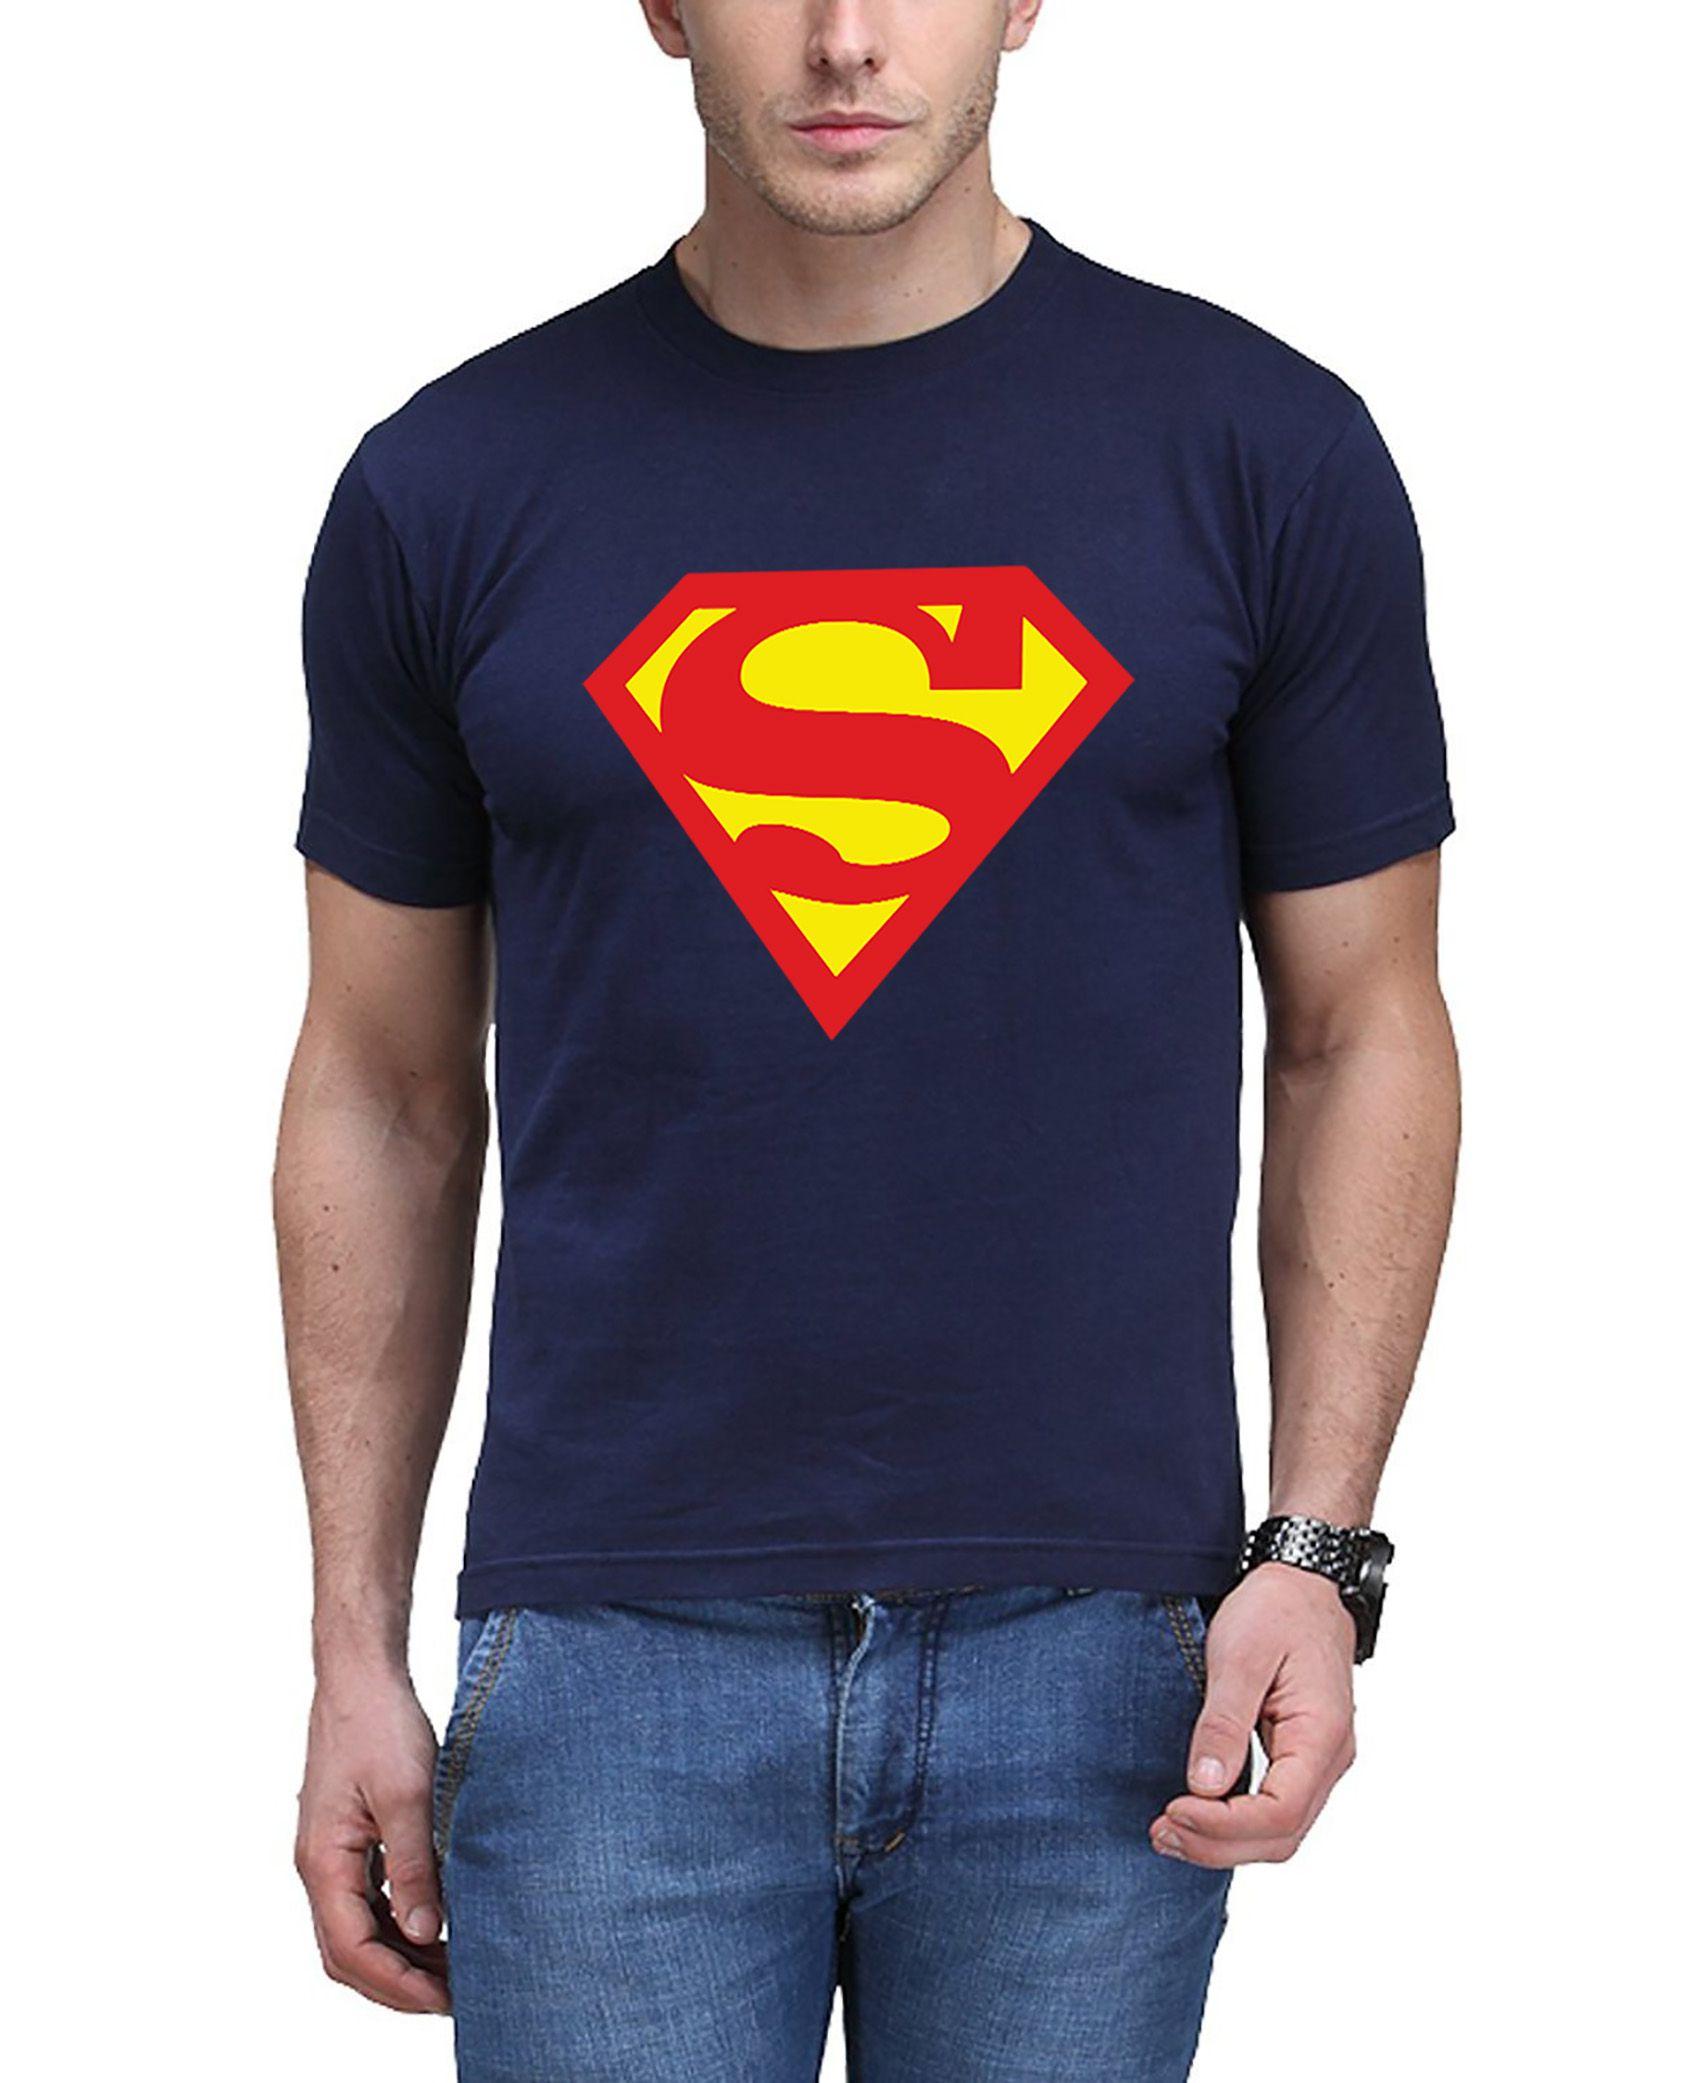 FITTIE Navy Round T-Shirt